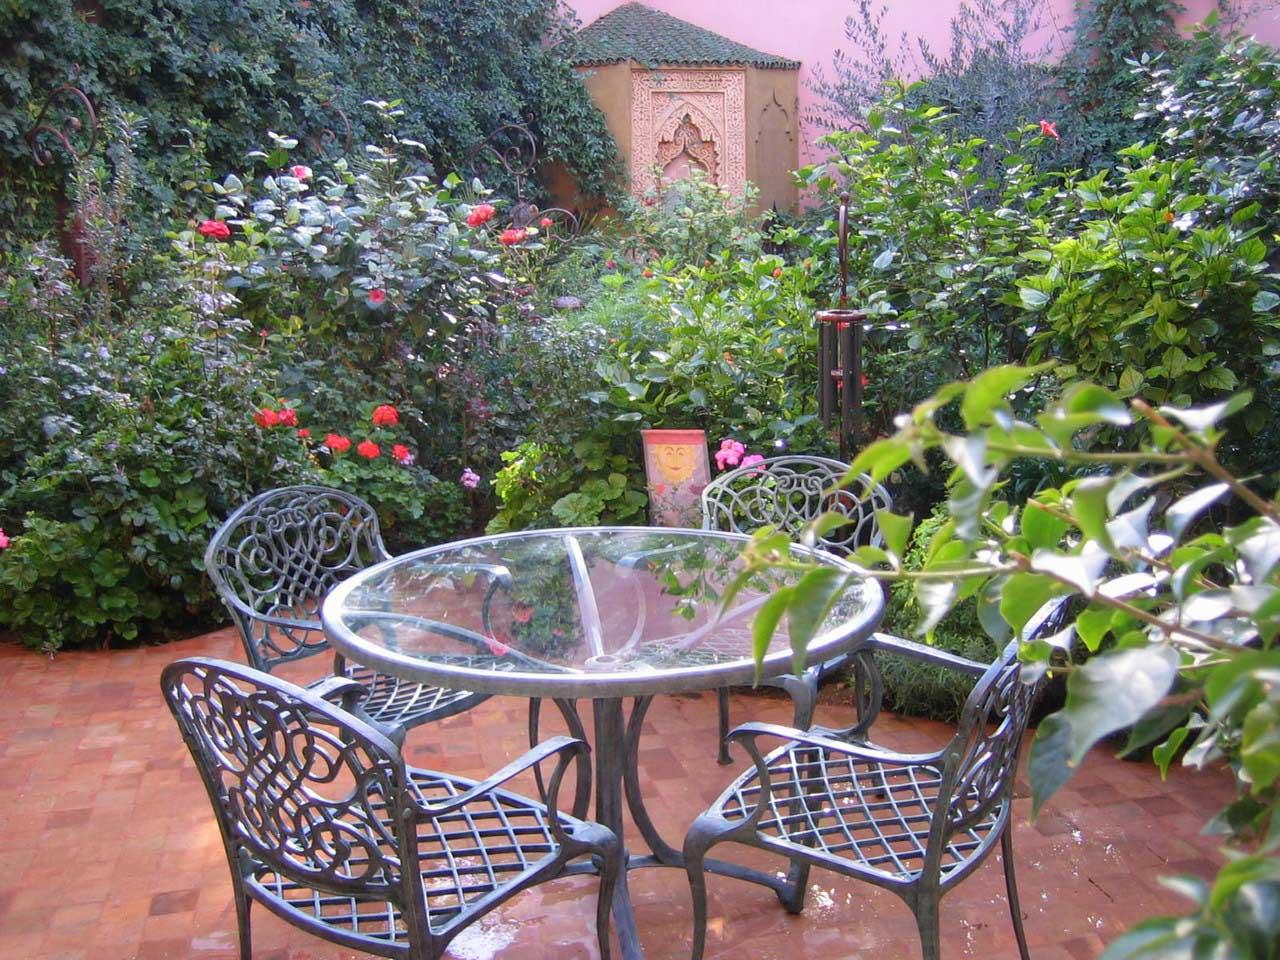 Aménagement des balcons et terrasses à Marrakech || Designing balconies and terraces in Marrakech